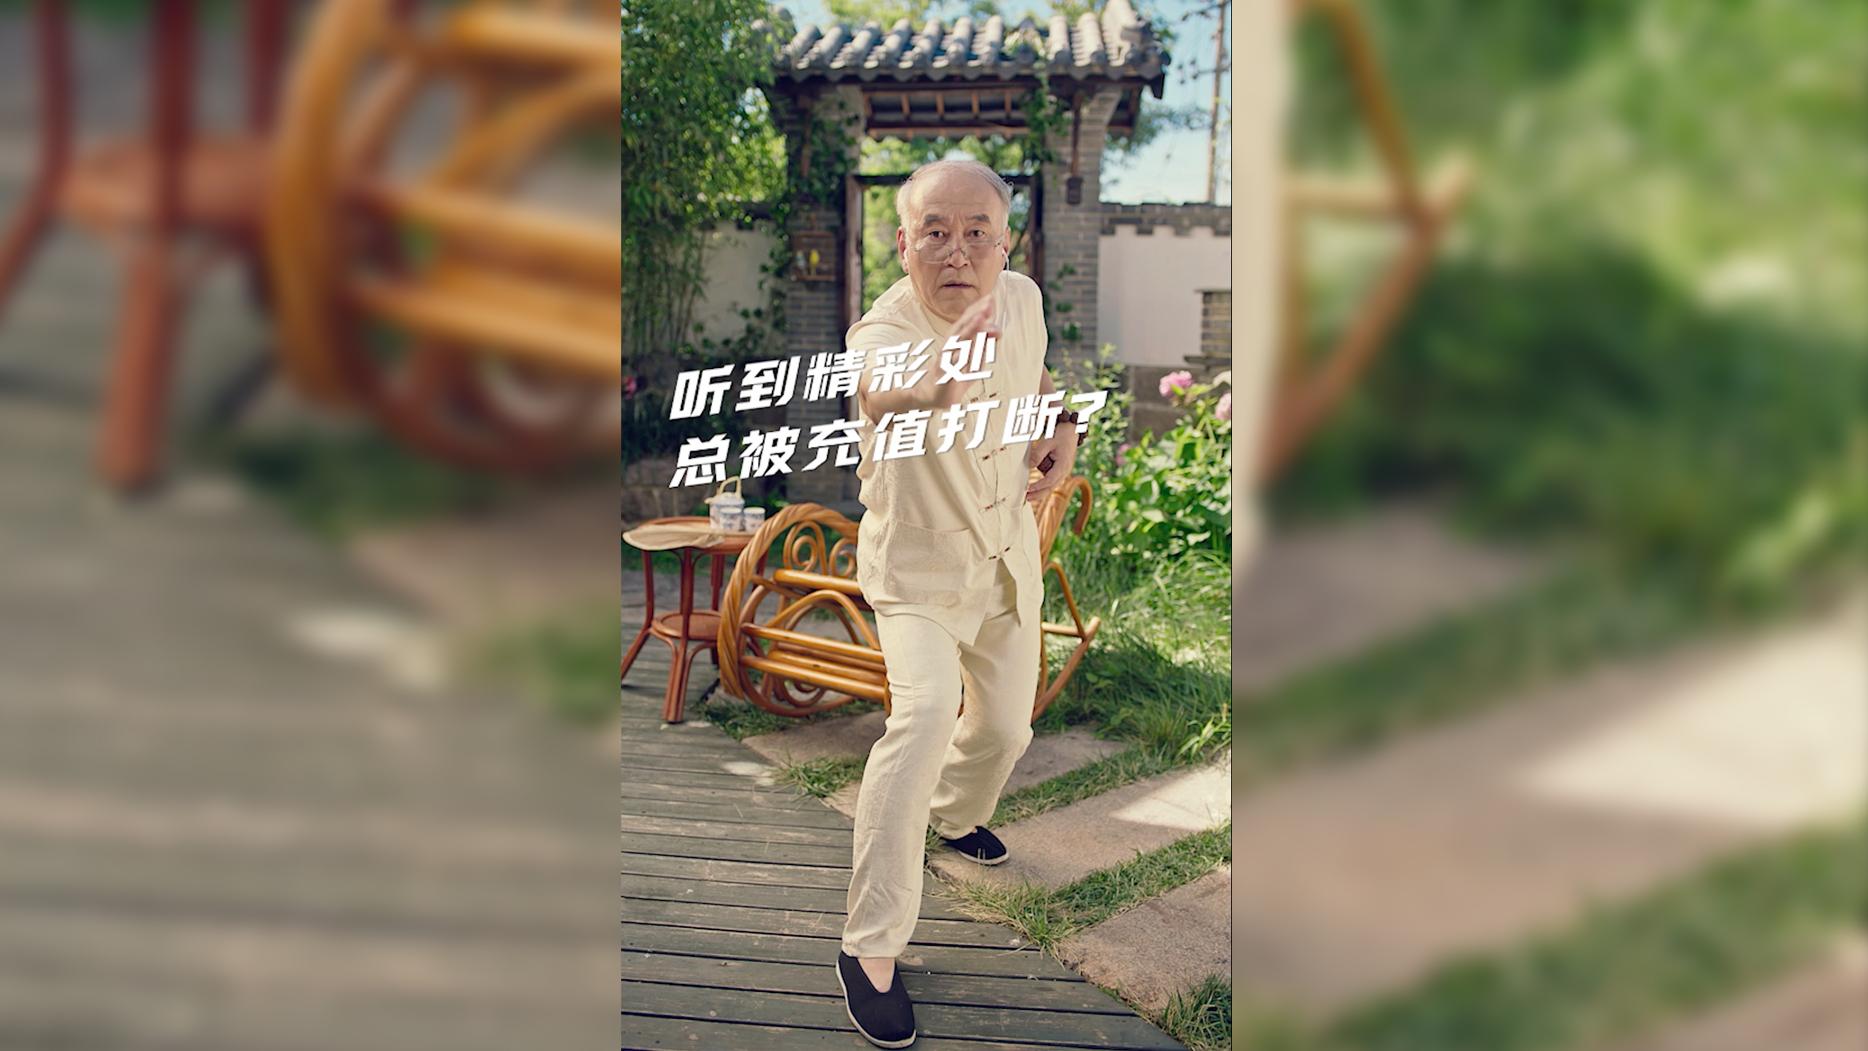 西瓜视频功能外放topview合集